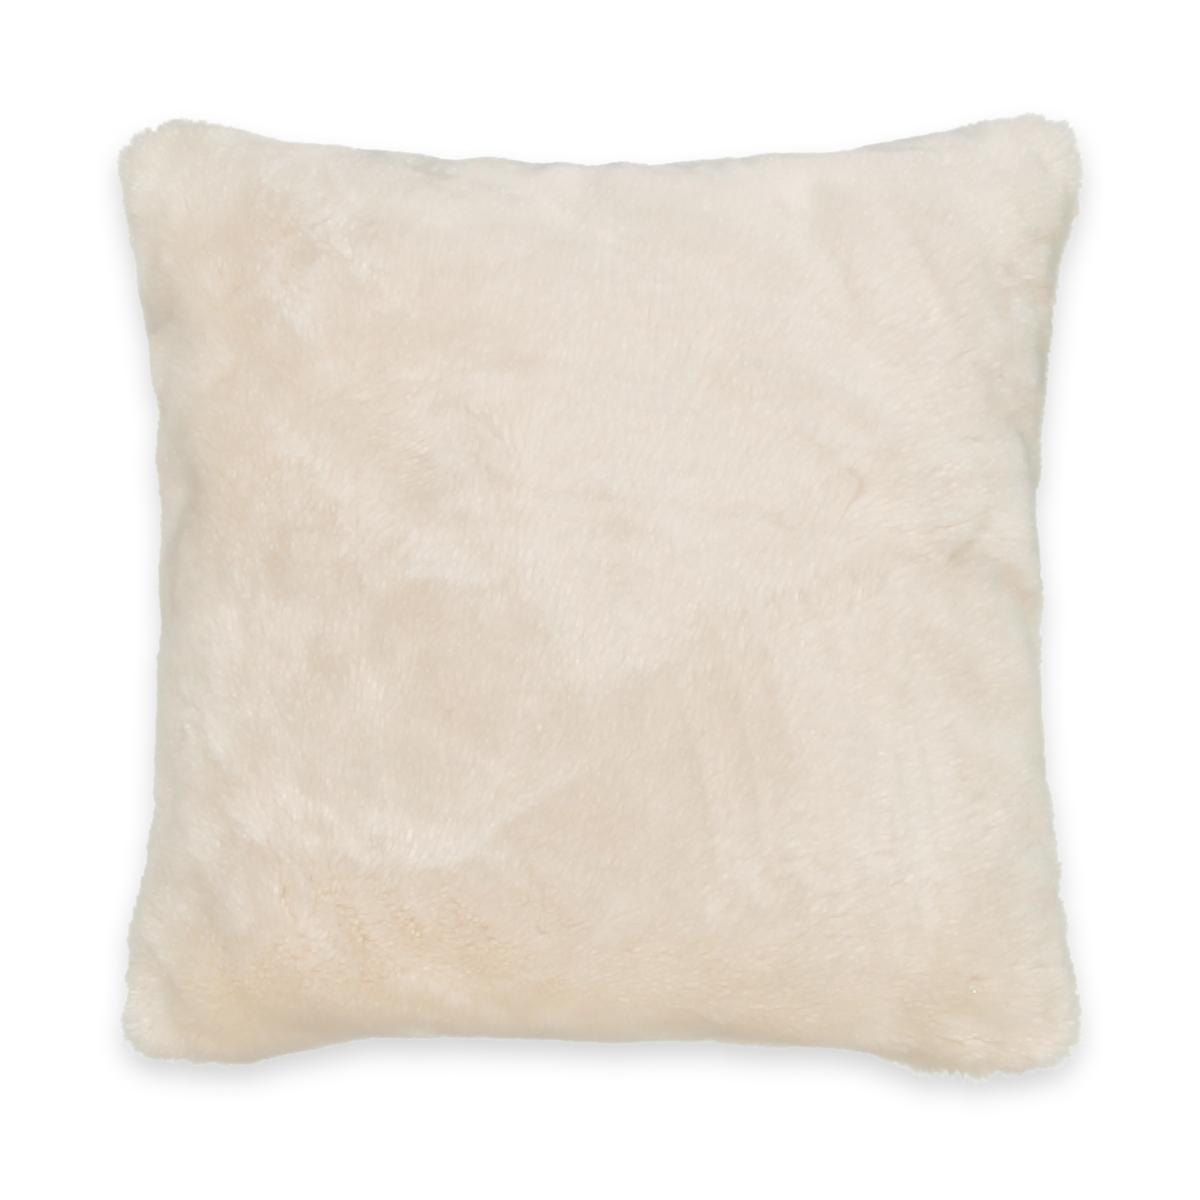 Чехол для подушки из искусственного меха KANPURХарактеристики чехла для подушки Kanpur :- Искусственный мех 76 % акрила, 24 % полиэстера . - Застежка на скрытую молнию. Размеры чехла для подушки Kanpur :- 45 x 45 см.- 50 x 30 см.Подушка.Подушка Terra продается отдельно на нашем сайте.Знак Oeko-Tex® гарантирует, что товары прошли проверку и были изготовлены без применения вредных для здоровья человека веществ.<br><br>Цвет: бежевый,хаки,черный